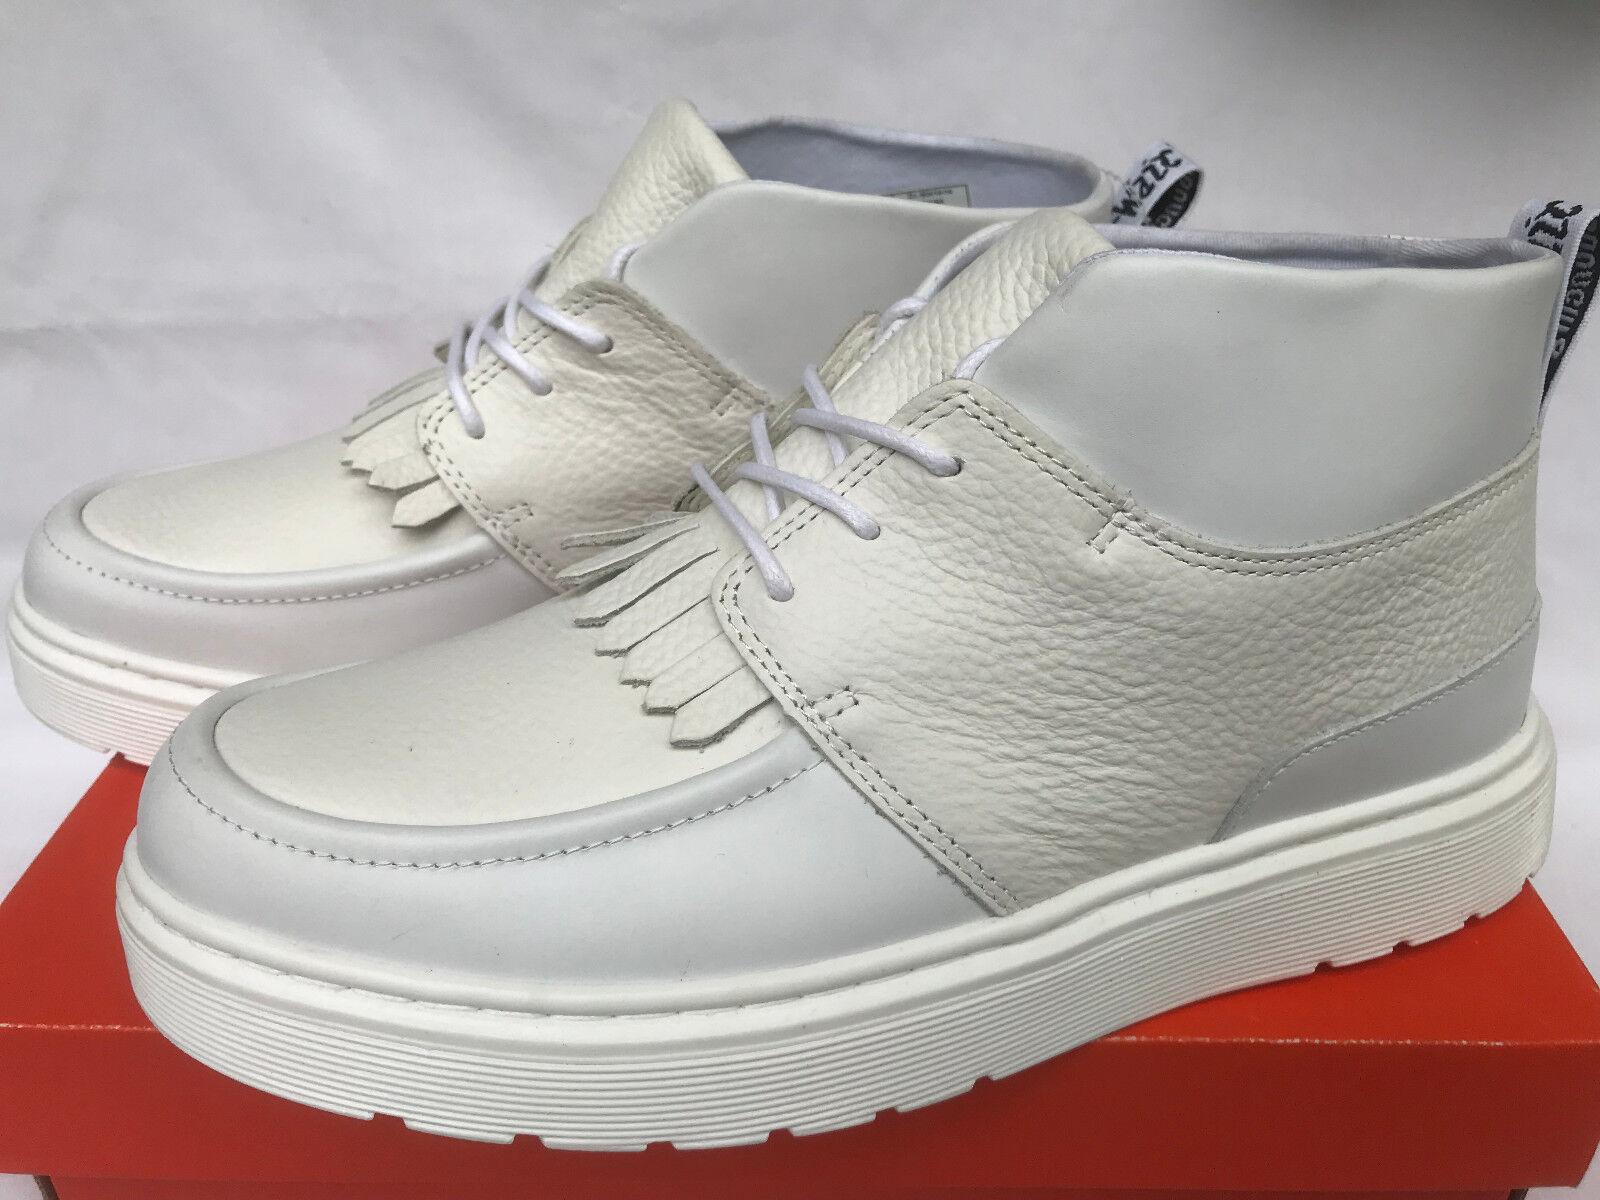 Dr. Martens Jemima flecos Cuero Chukka mediados De Cuero flecos blancoo Moc Toe botas Zapatos para mujer 8 bbfe36